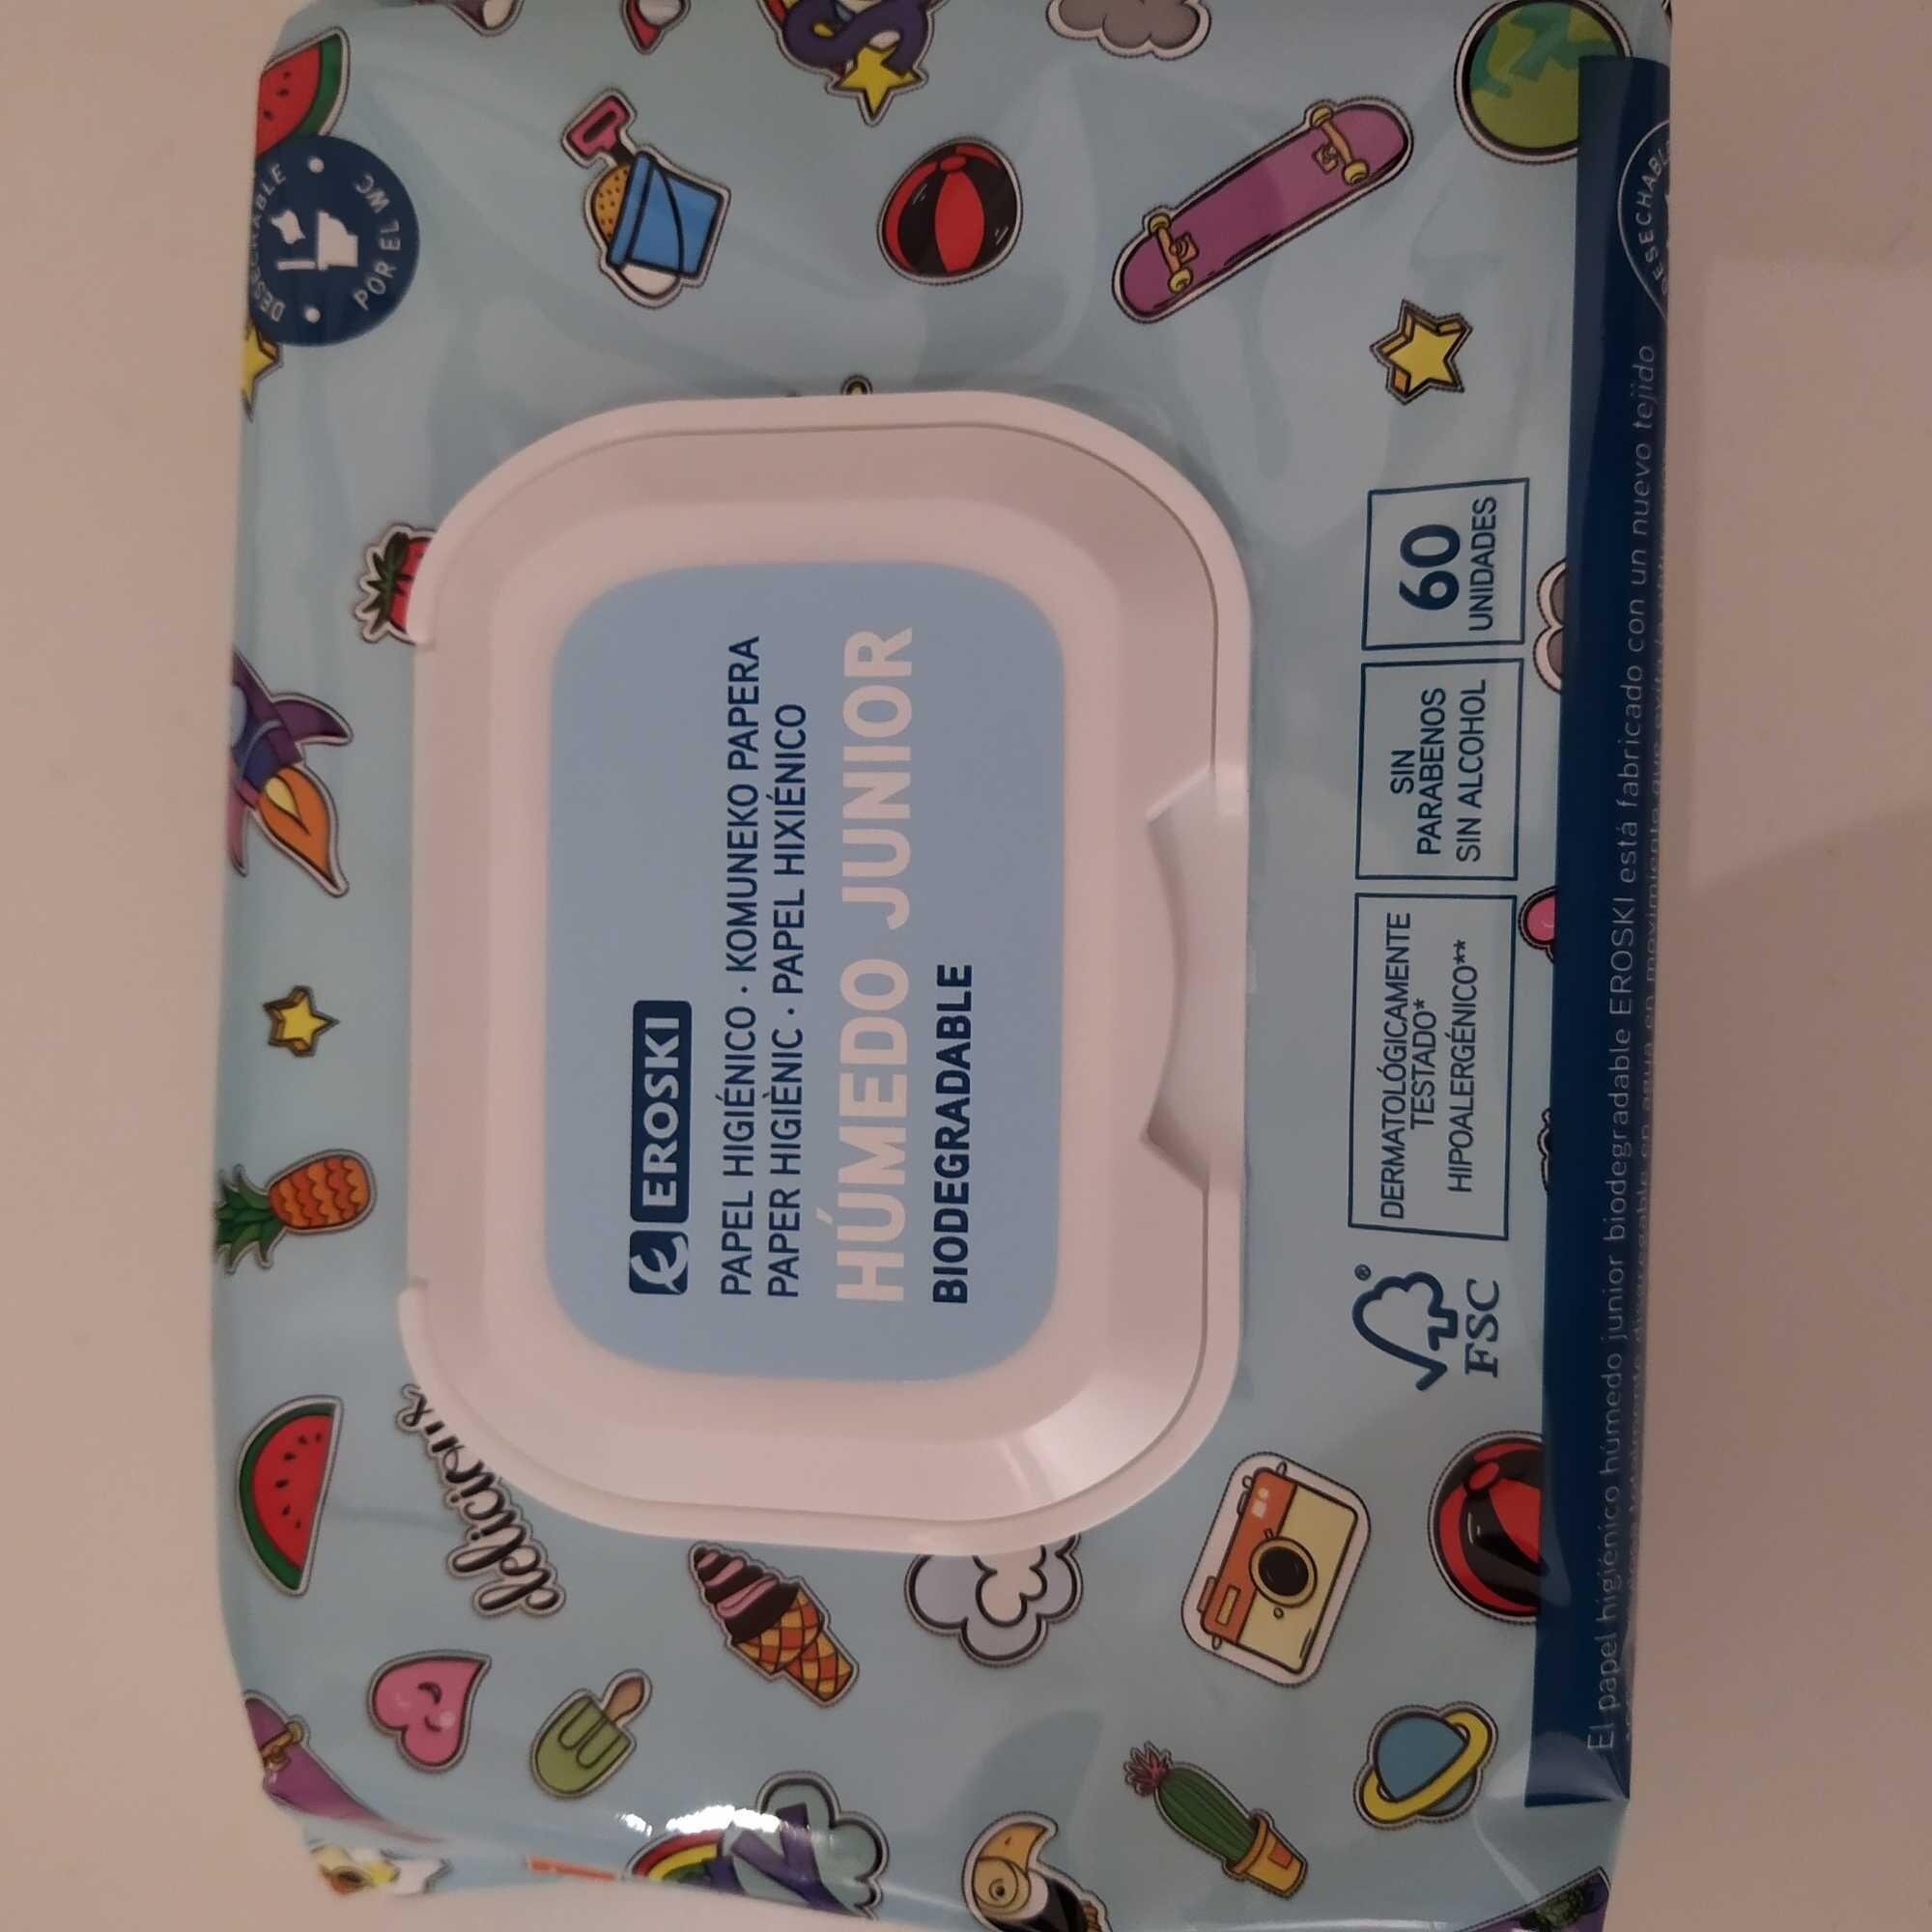 Papel higiénico húmedo junior - Product